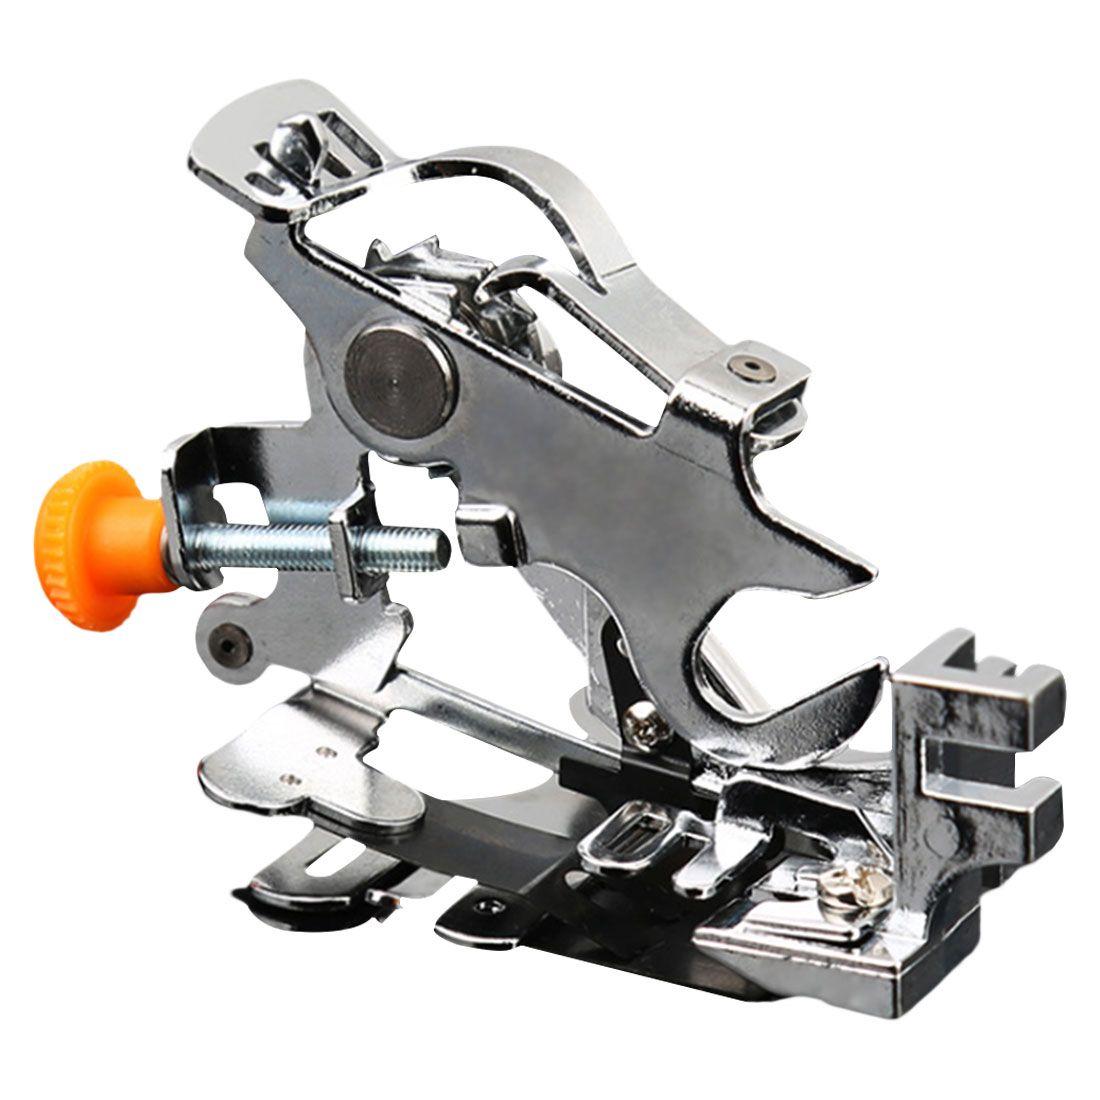 Machine à coudre domestique Ruffler pied-de-biche tige basse accessoire plissé pied-de-biche accessoires de Machine à coudre